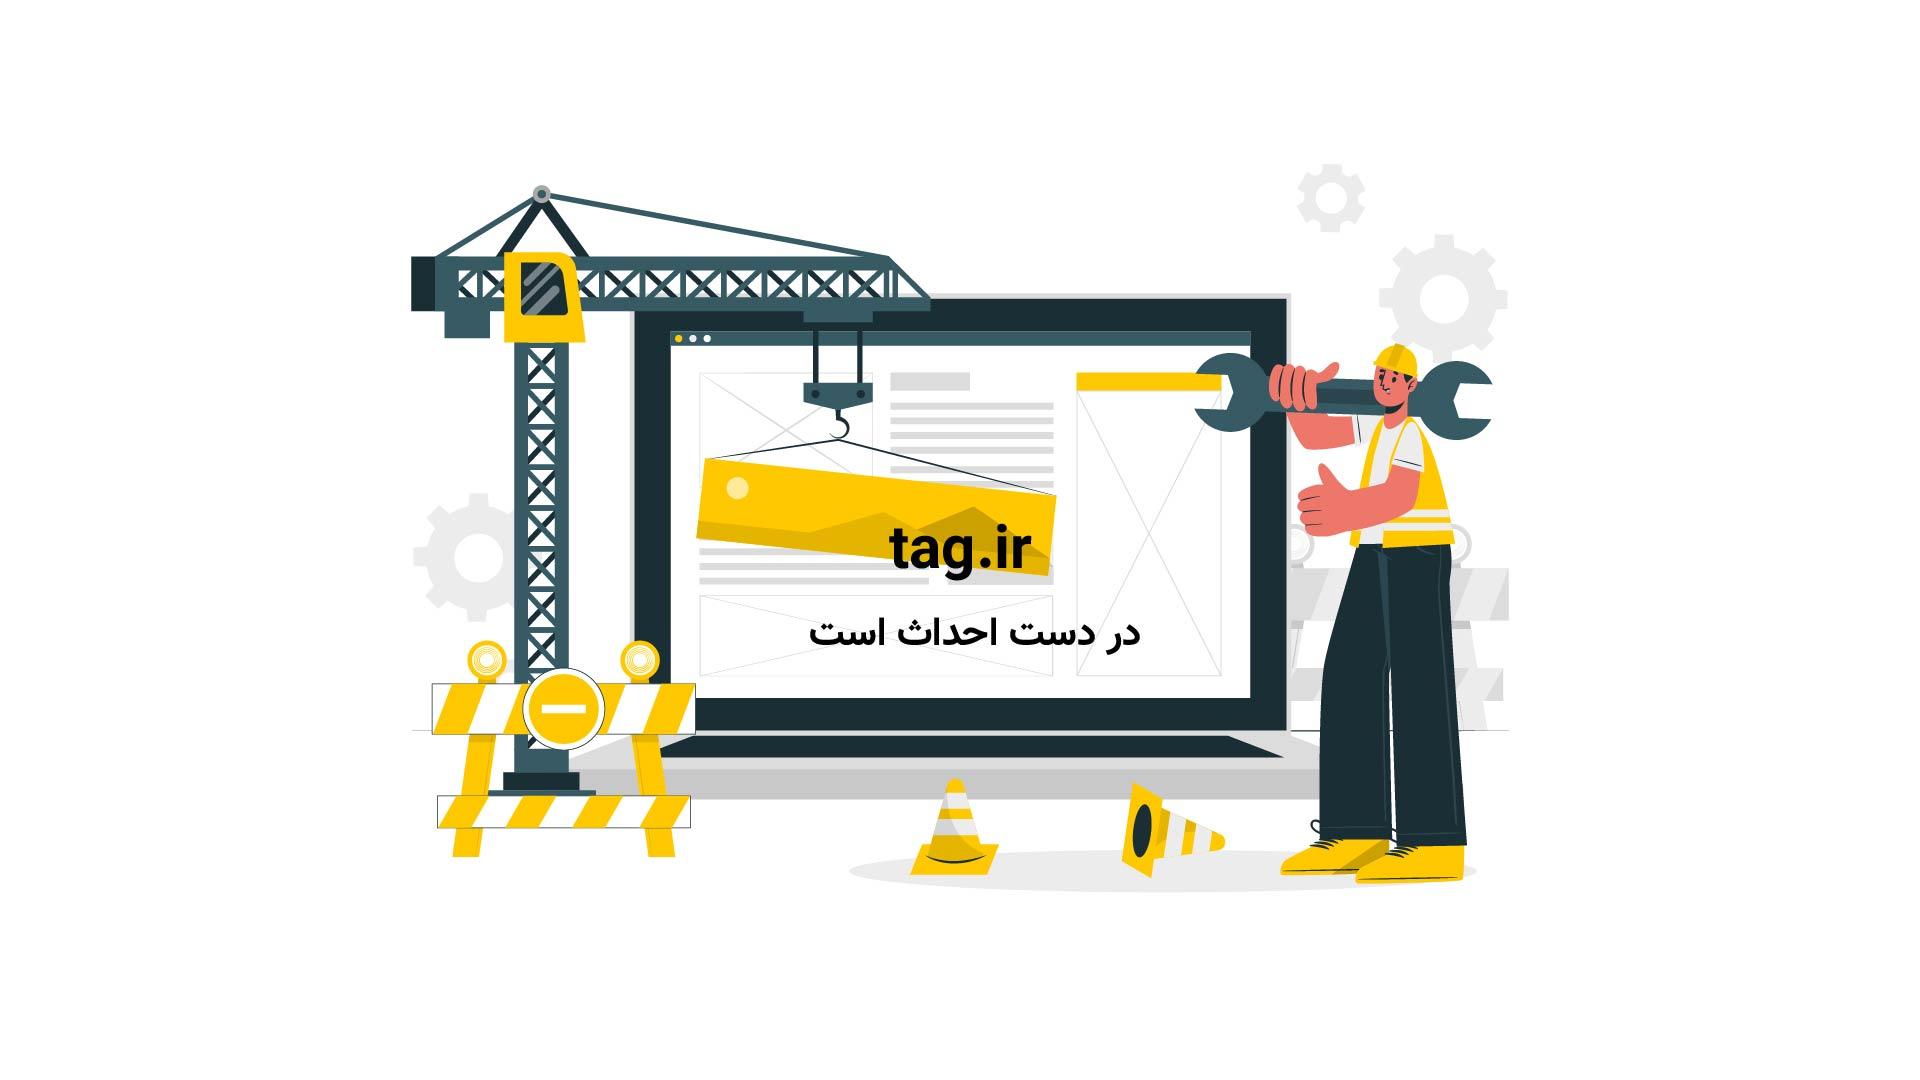 ازدواج نمادین دختر بچه مبتلا به سرطان در بیمارستان | فیلم